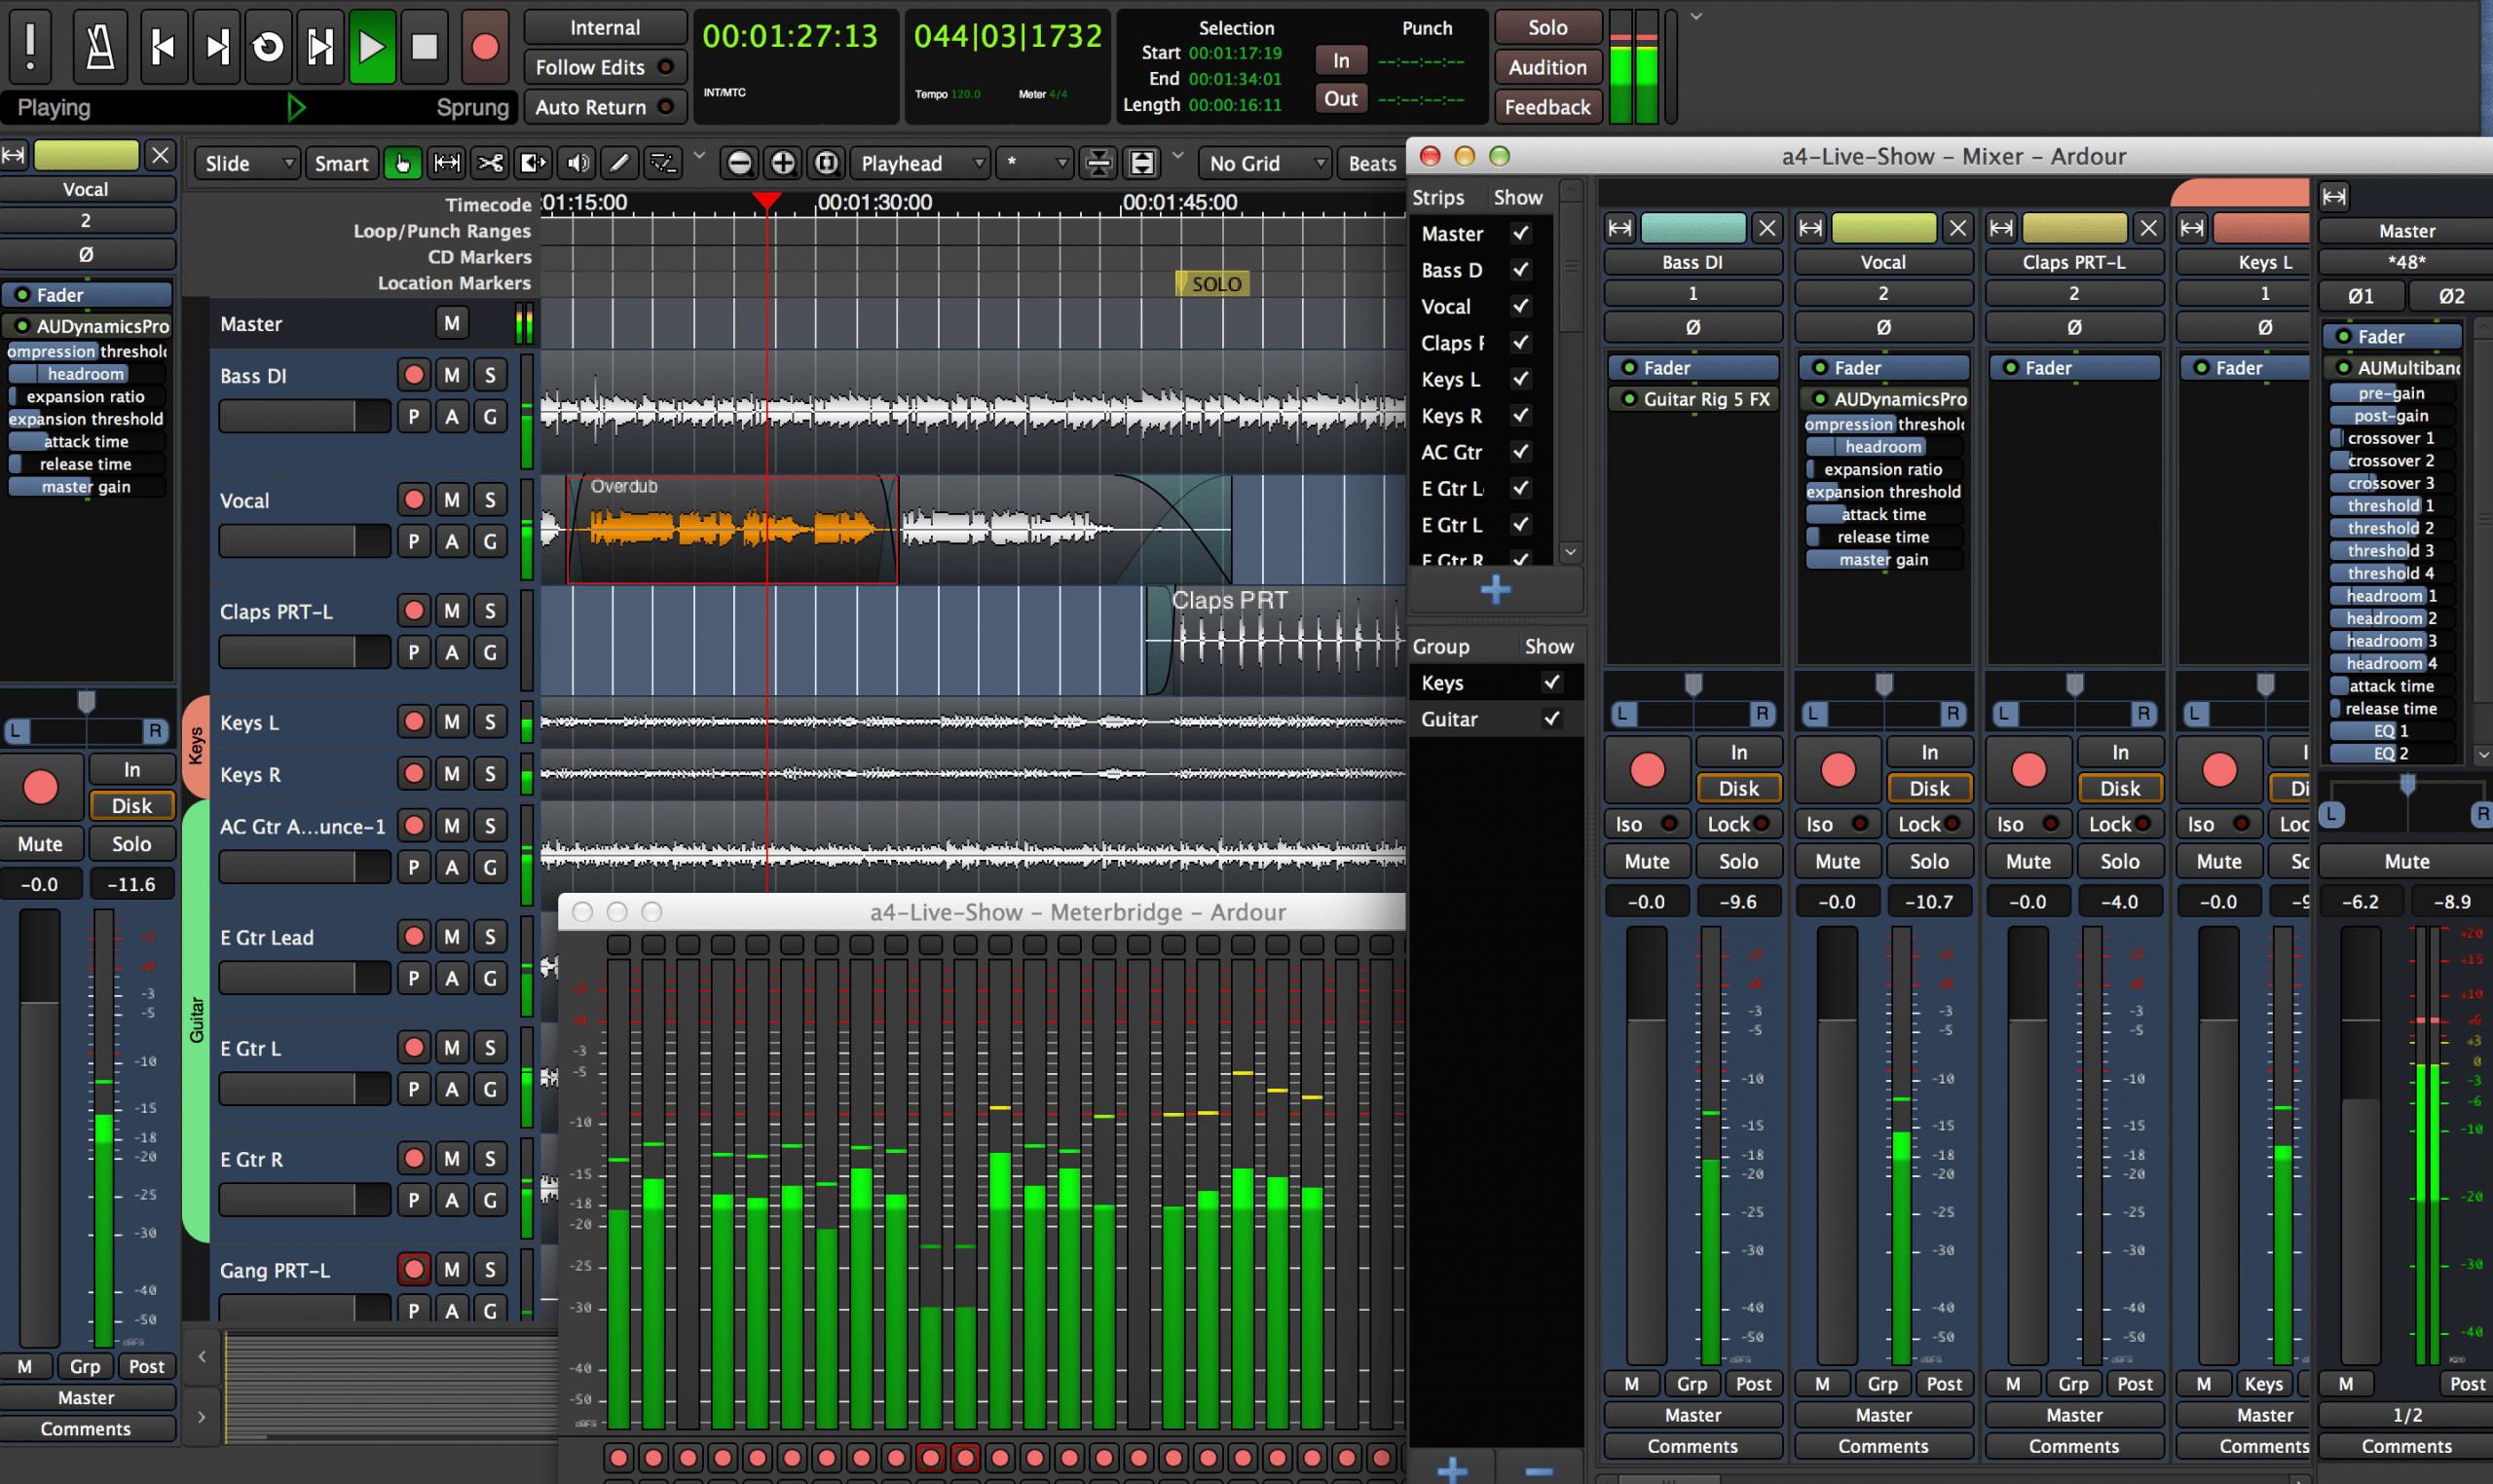 Ardour - Τα καλύτερα προγράμματα για επεξεργασία μουσικής και ήχου